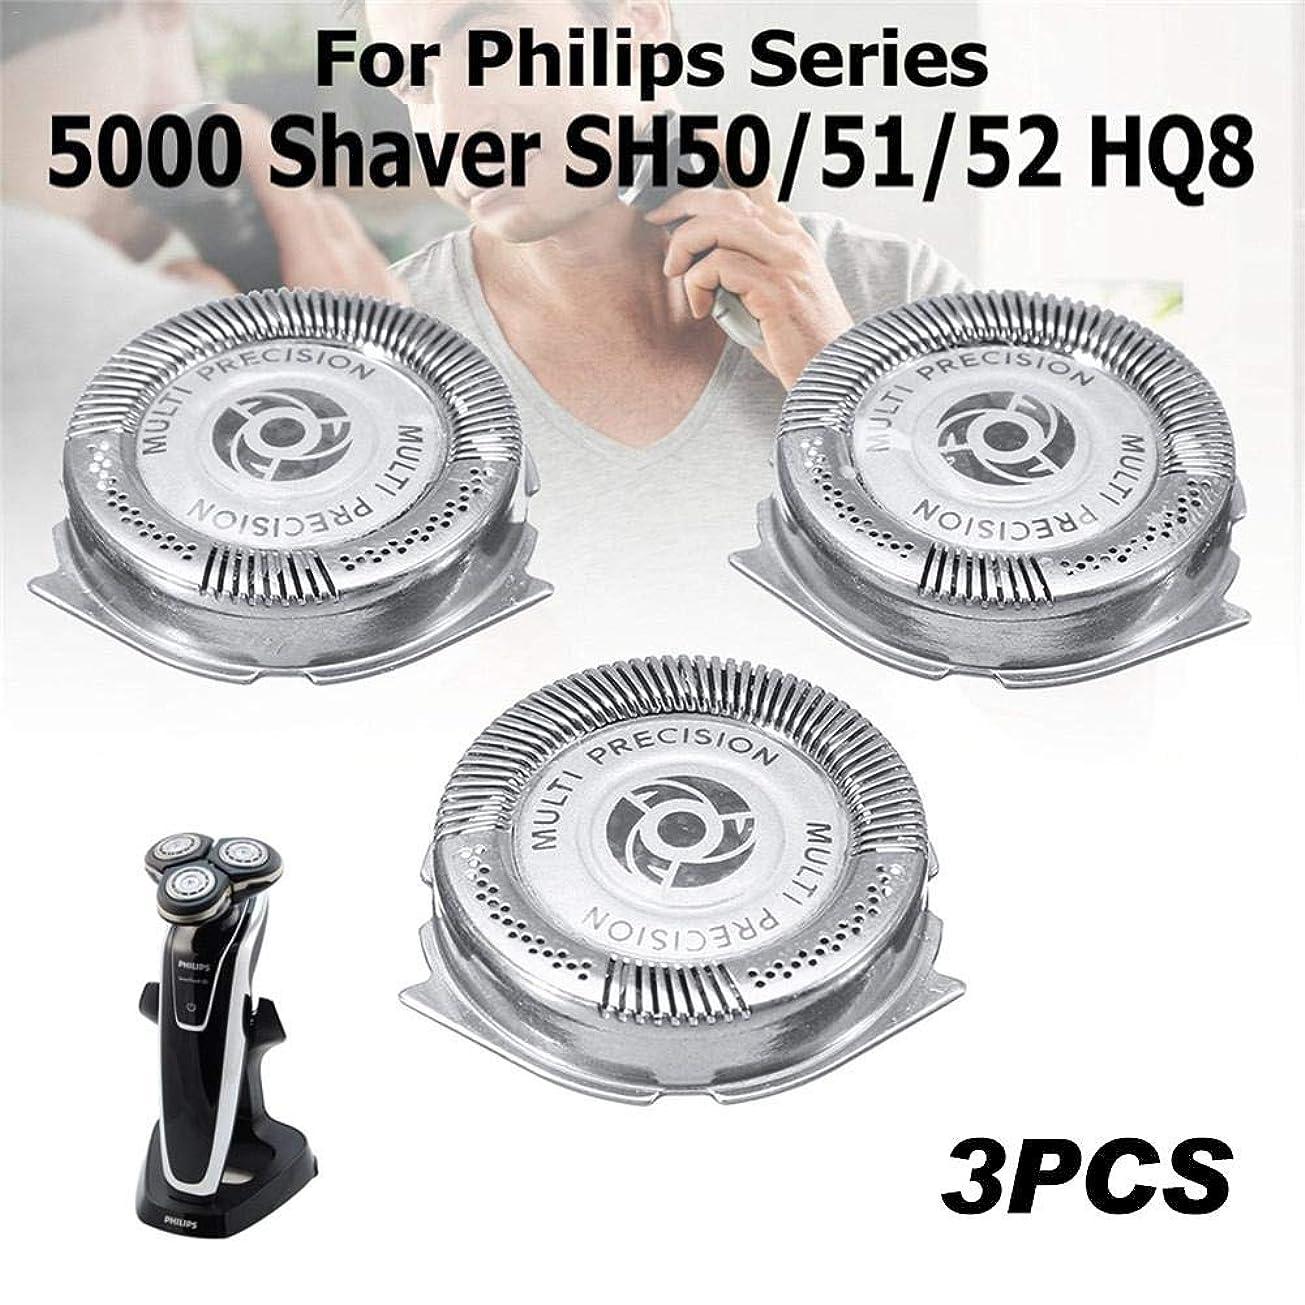 感度輸血ライターcolmall 3PCS シェーバー 替刃 シェーバー ヘッド フィリップスシリーズ5000シェーバーSH50 / 51/52 HQ8用 交換ヘッド 替え刃 3頭のヘッド (フィリップスの型番に適応) normal well-liked